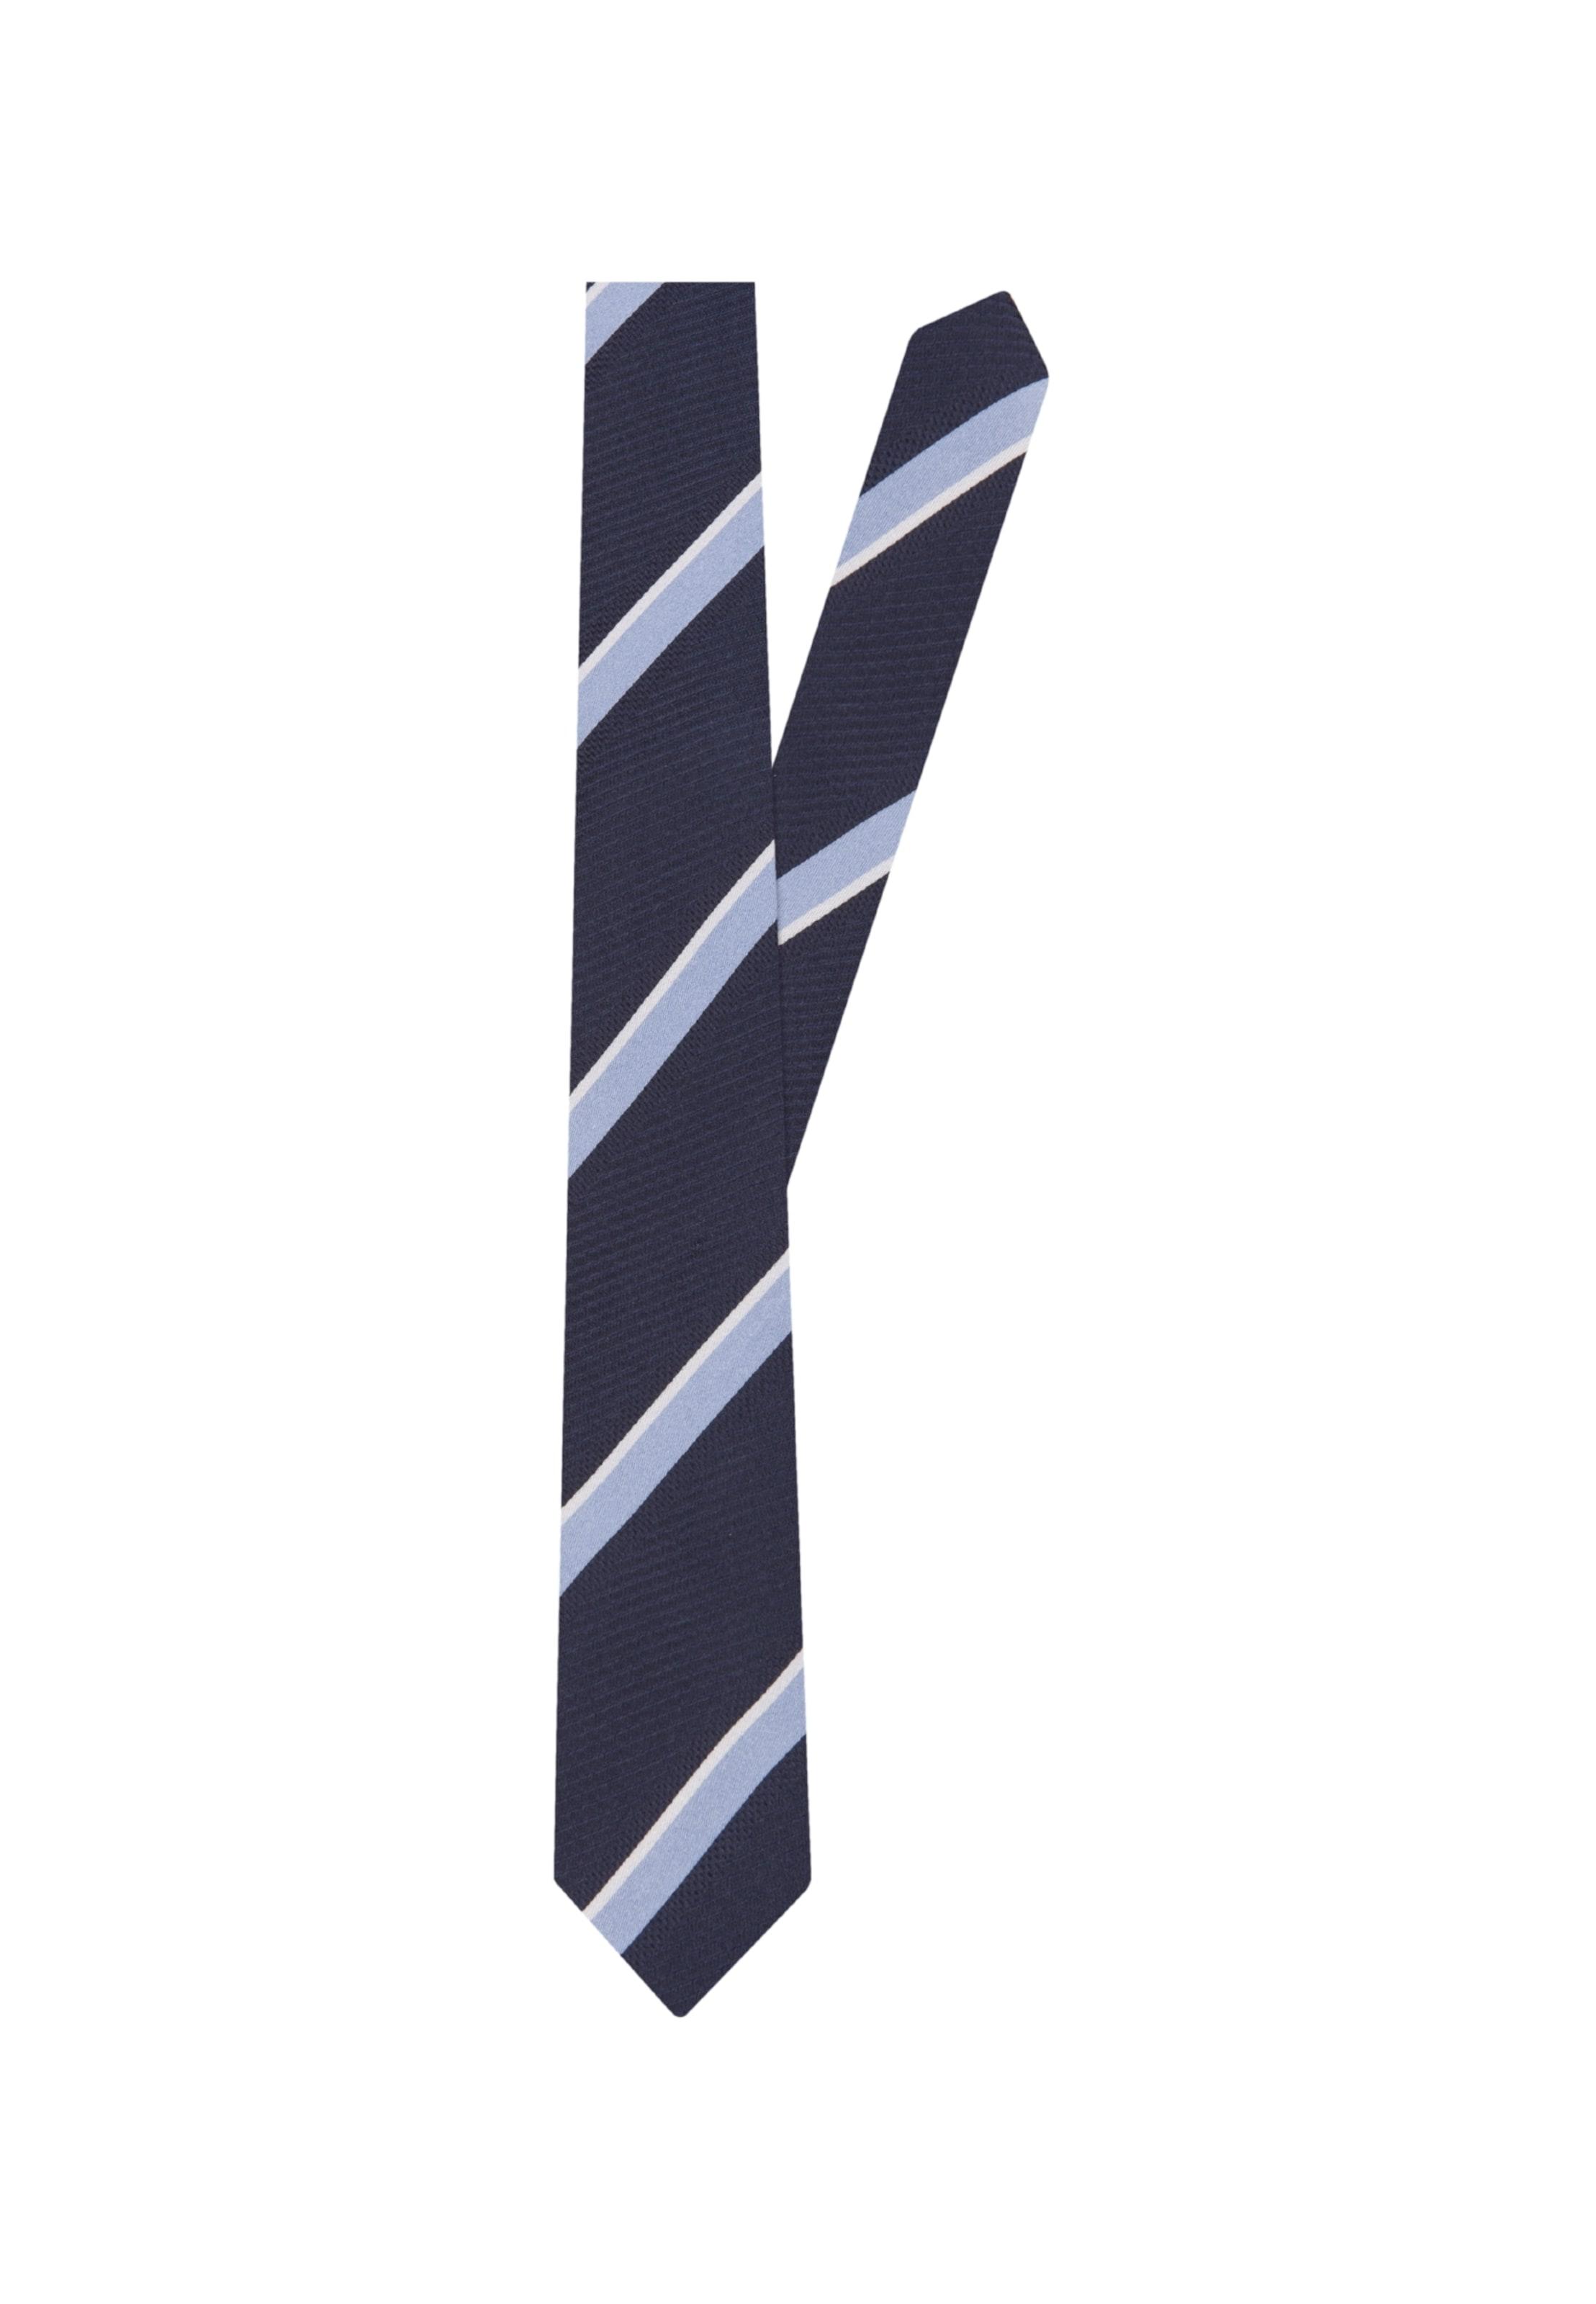 Rose' In Seidensticker Krawatte 'schwarze NachtblauHellblau Weiß vNn8m0w